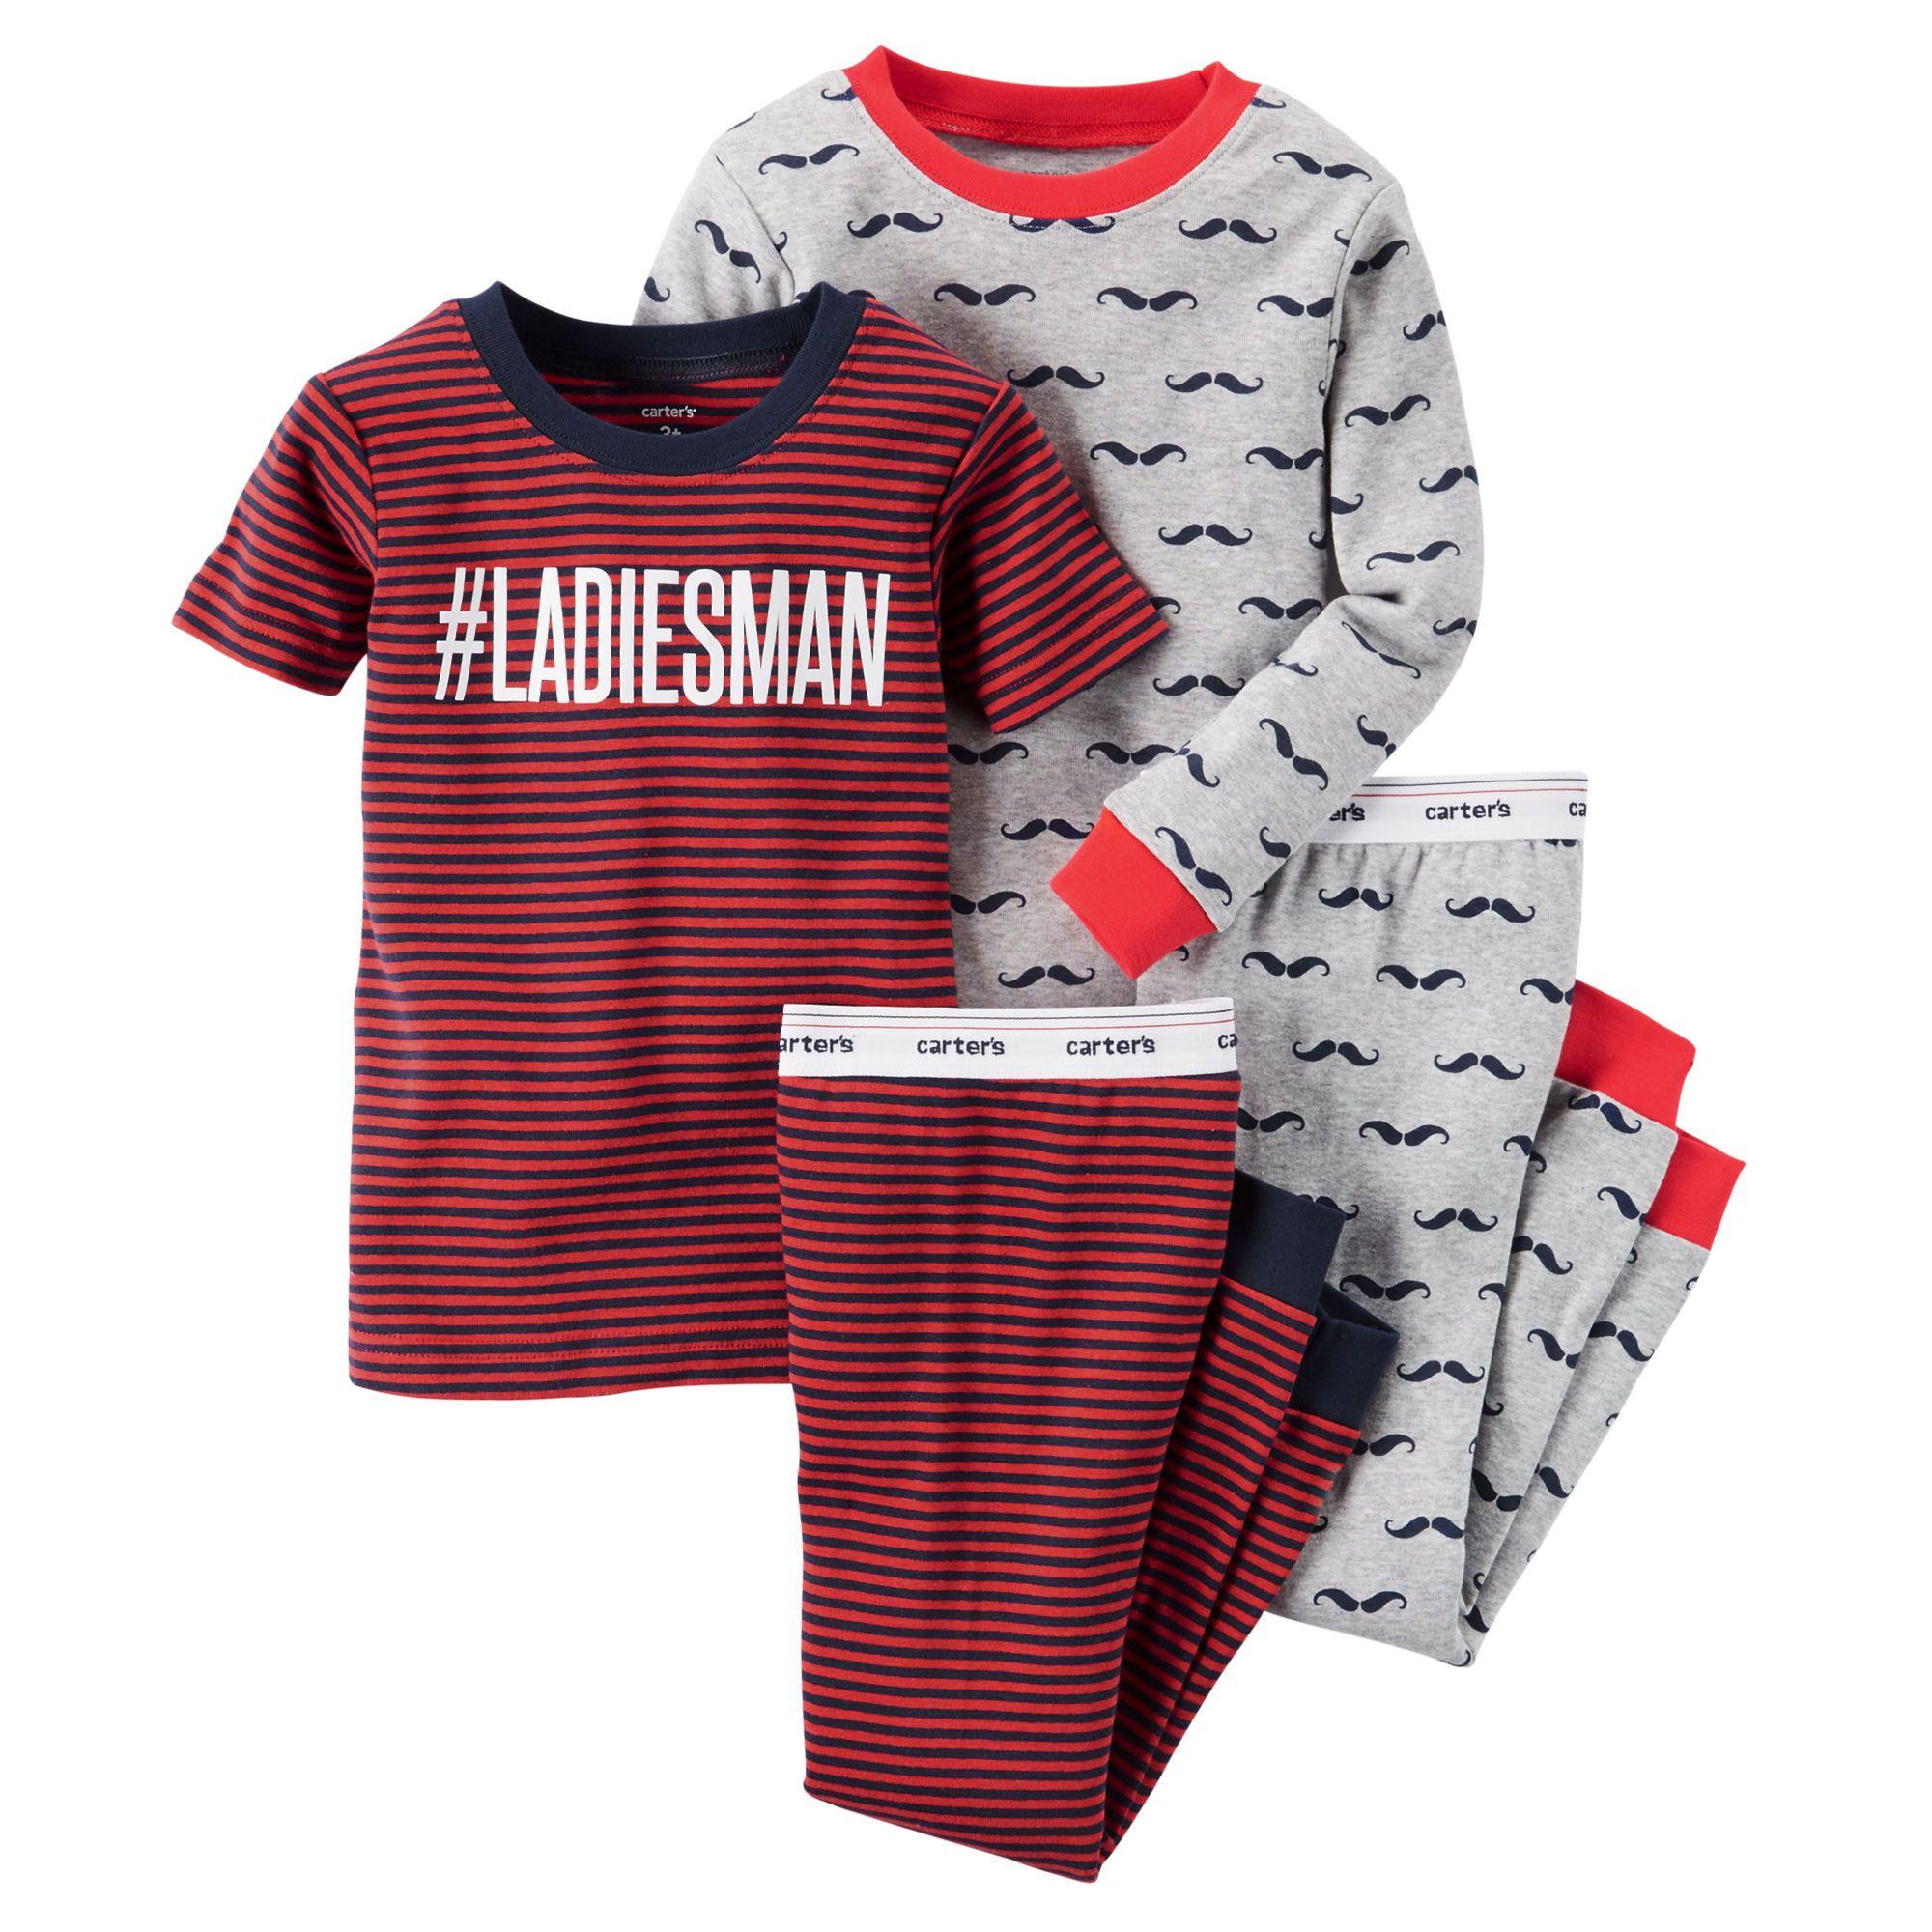 a64592285d72 Toddler Boy 4-Piece Snug Fit Cotton PJs